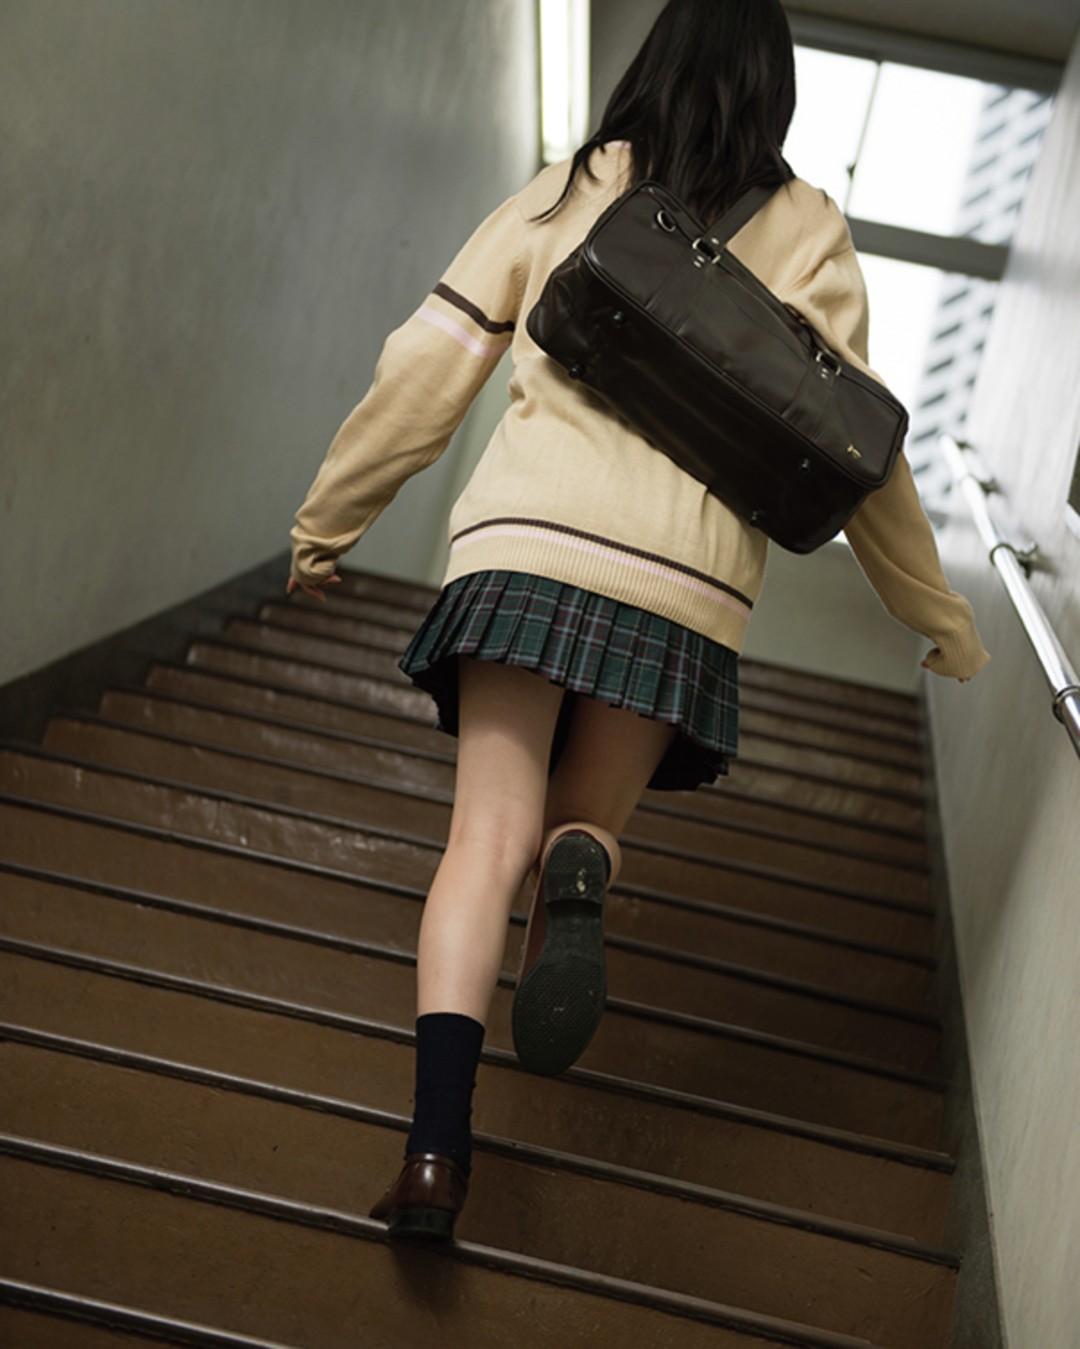 階段をあがるうしろ姿